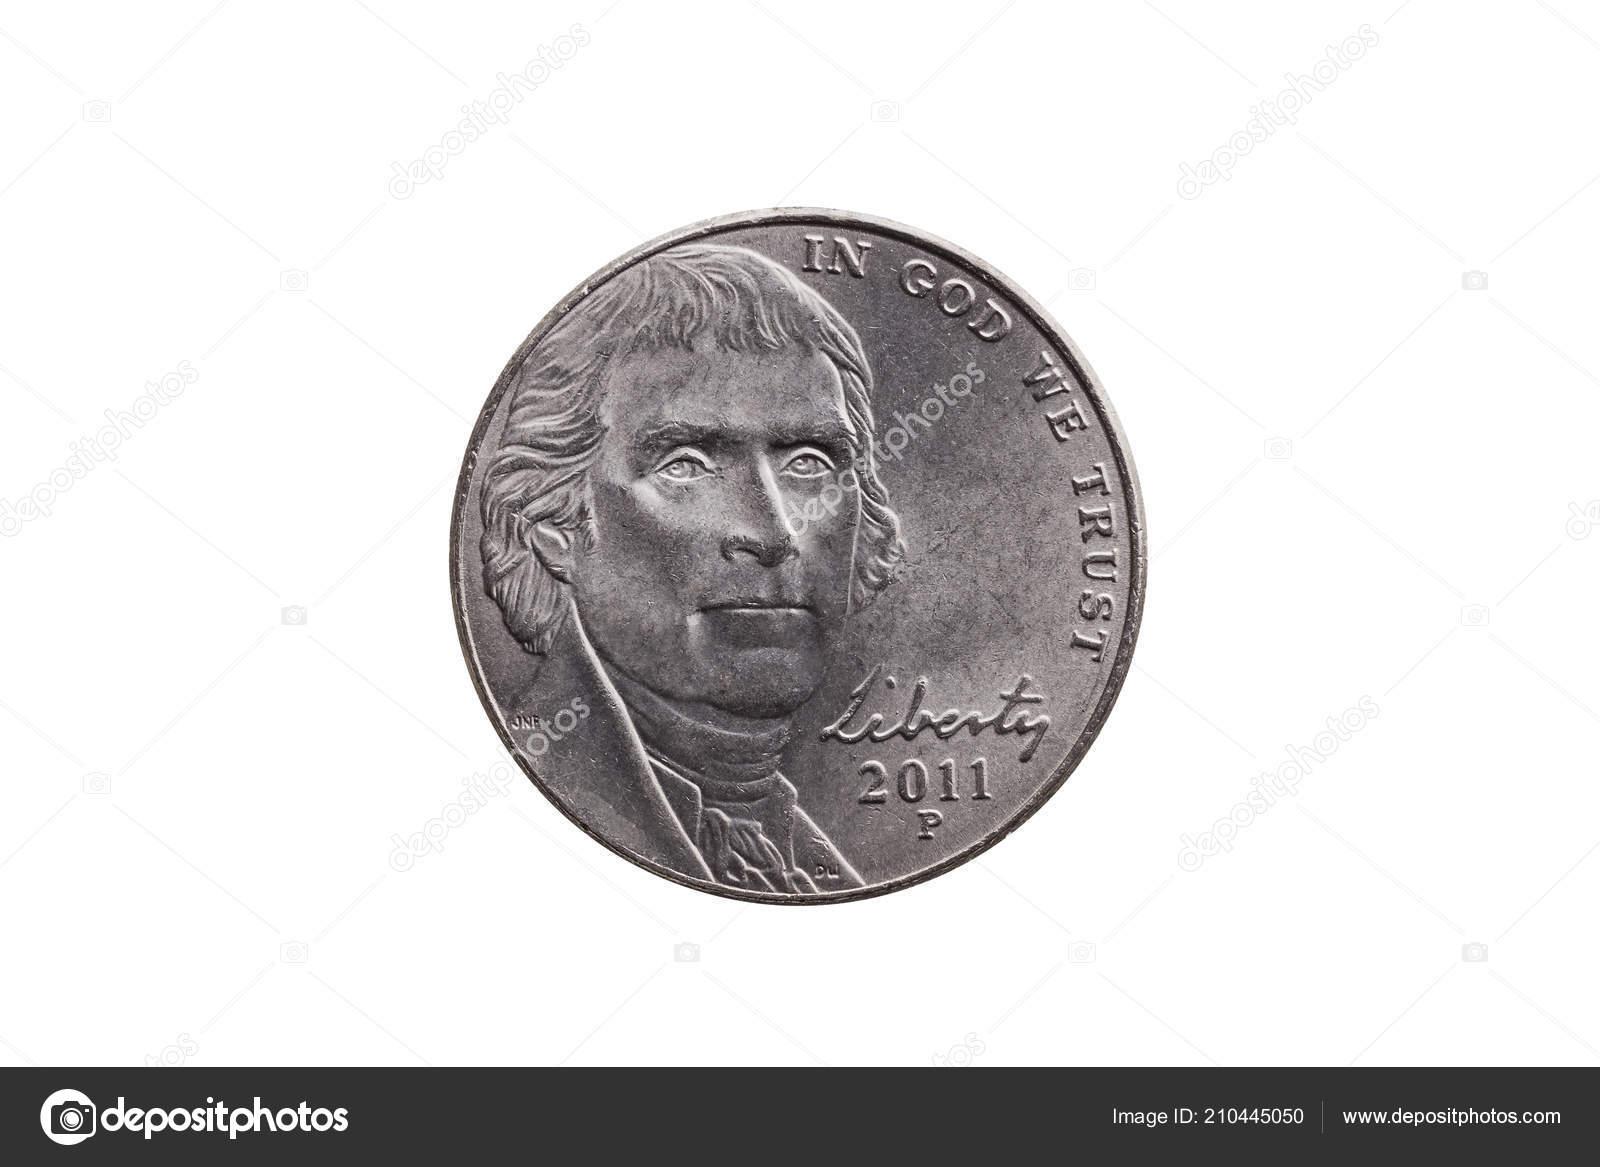 Usa Eine Halbe Groschen Nickel Münze Cent Mit Einem Portraitbild